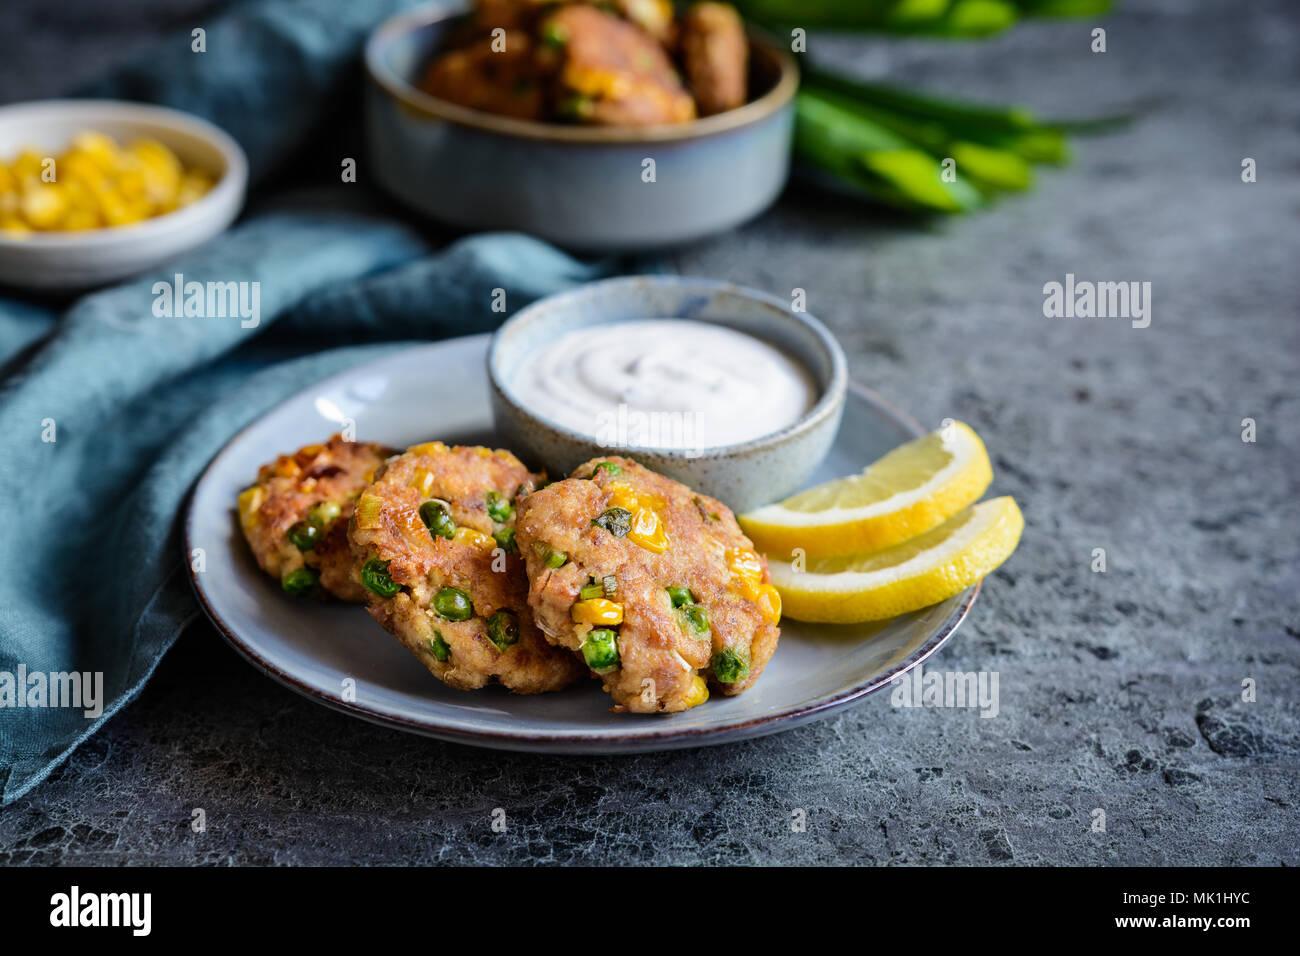 Pasteles de pescado atún saludable con guisantes, maíz y cebollino servidos con crema agria dip Imagen De Stock